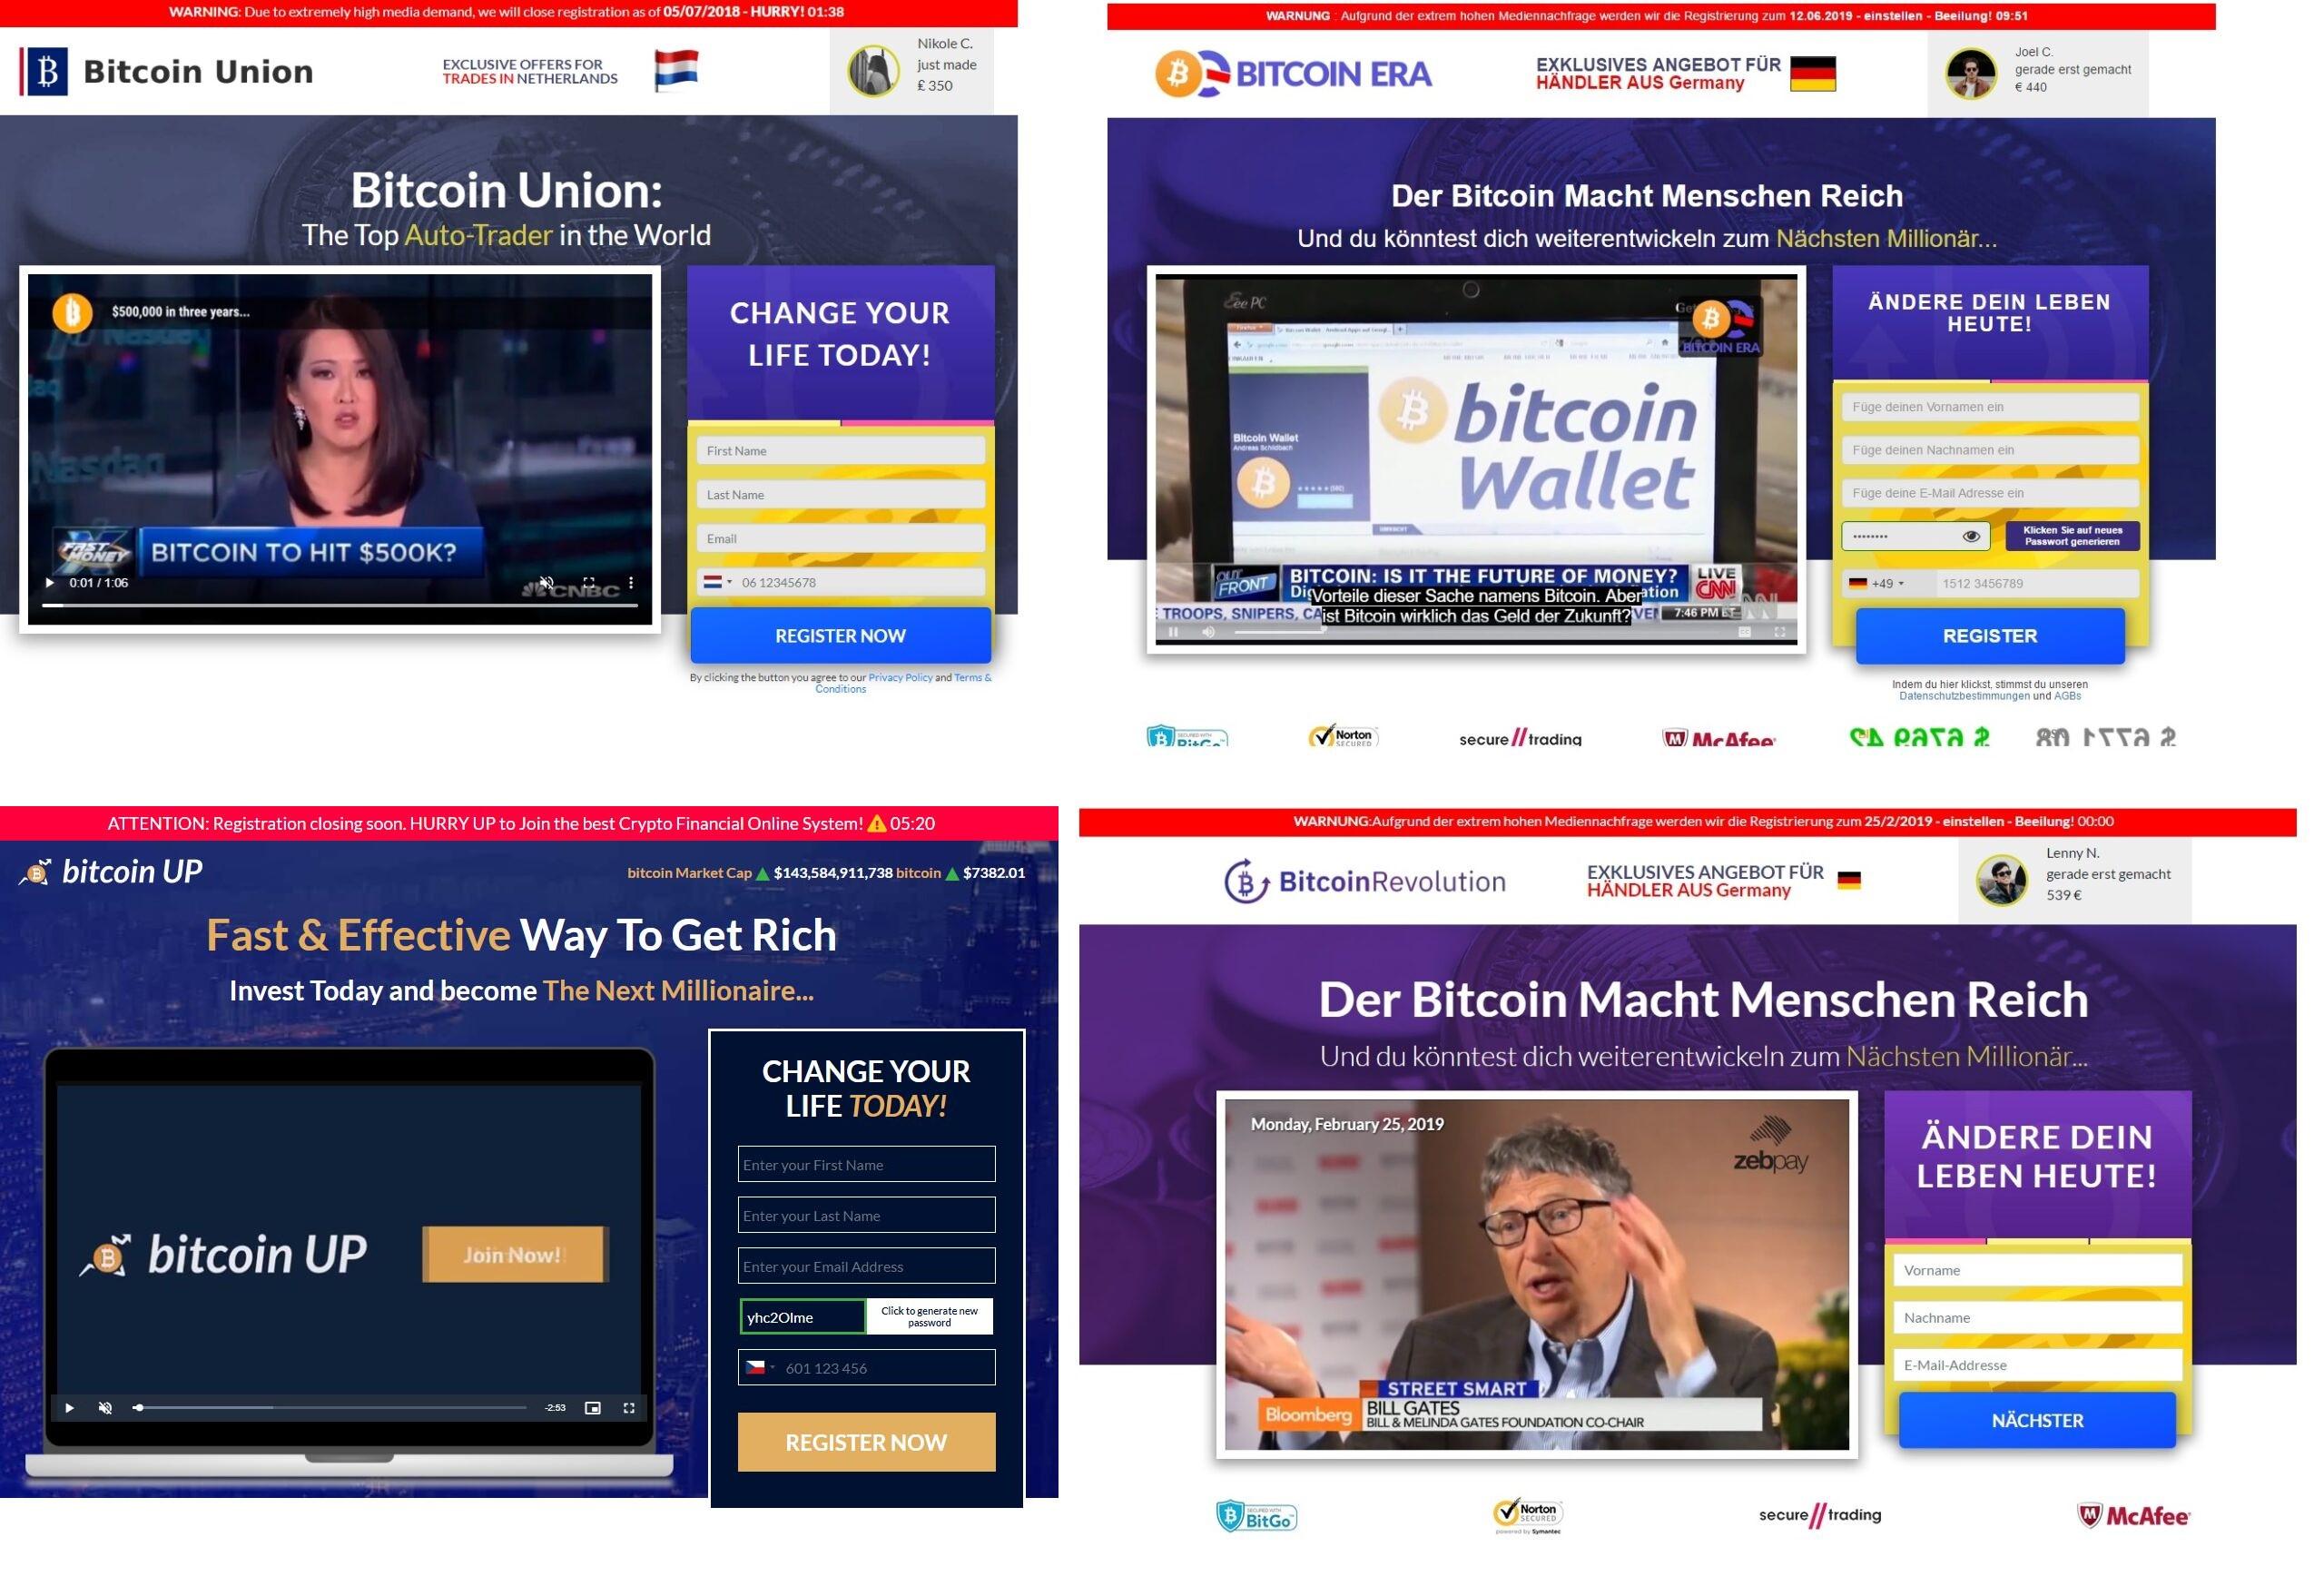 Podvod Bitcoin UP